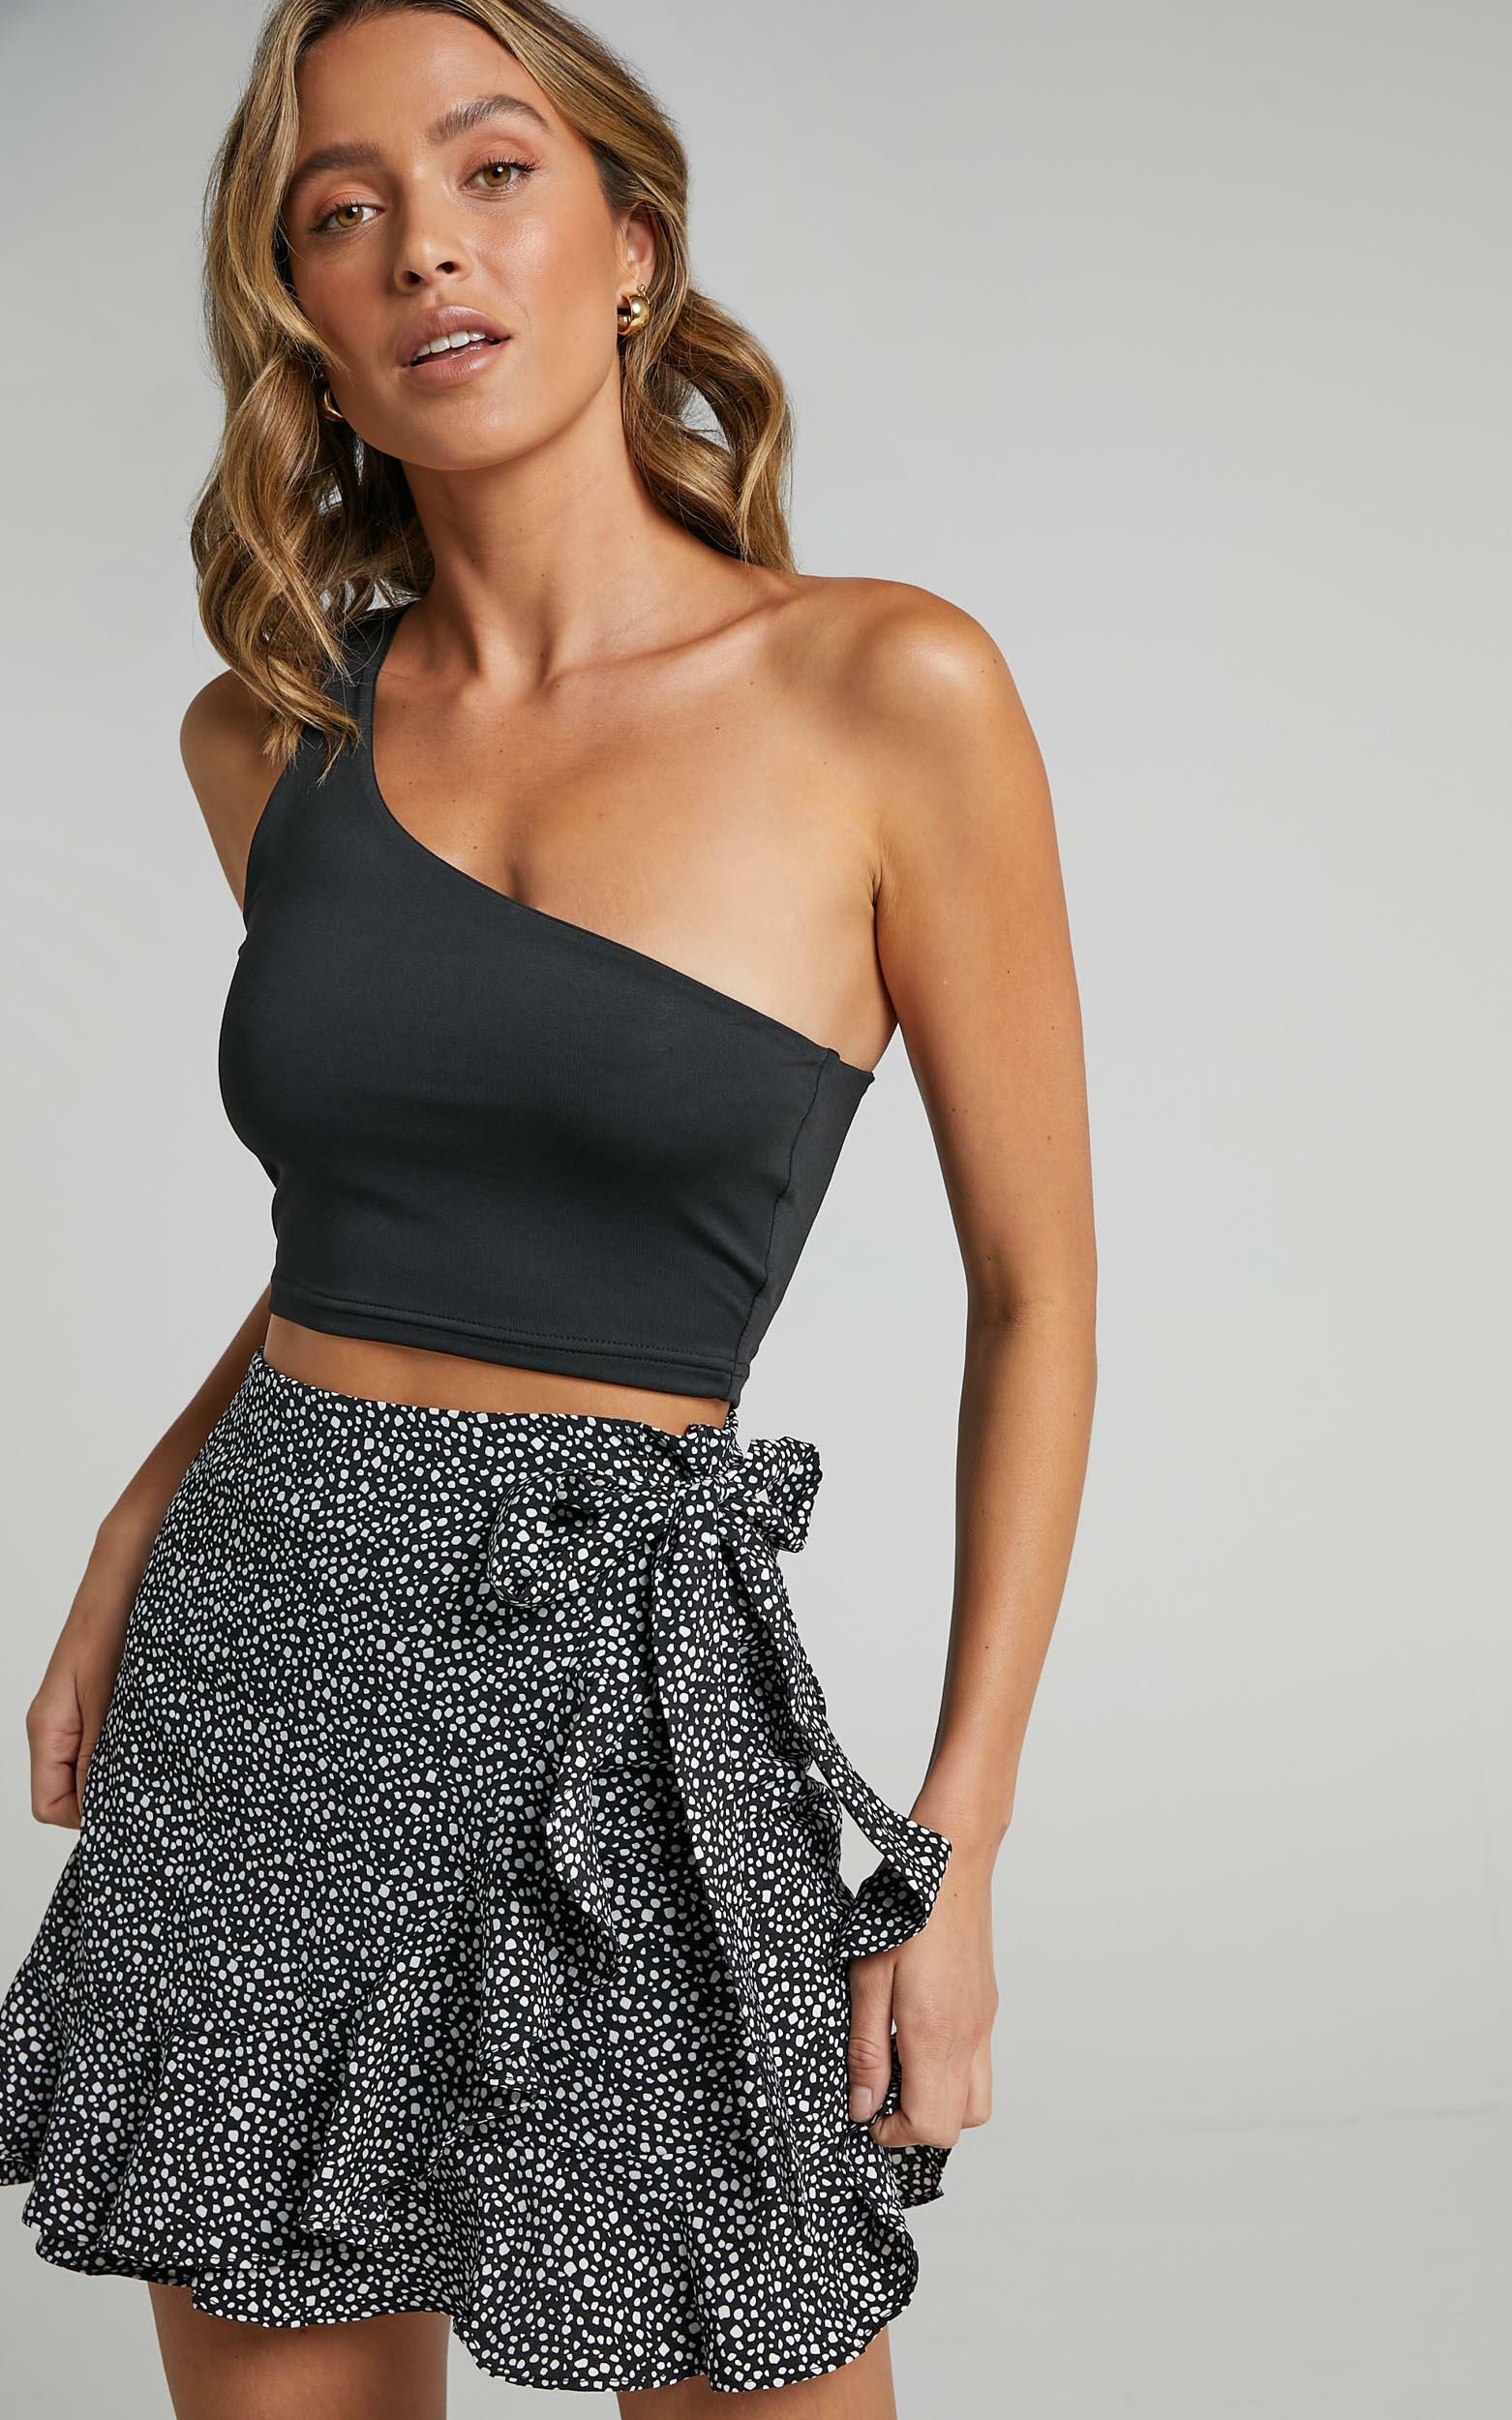 Big Change Skirt in Black Spot - 6 (XS), Black, hi-res image number null